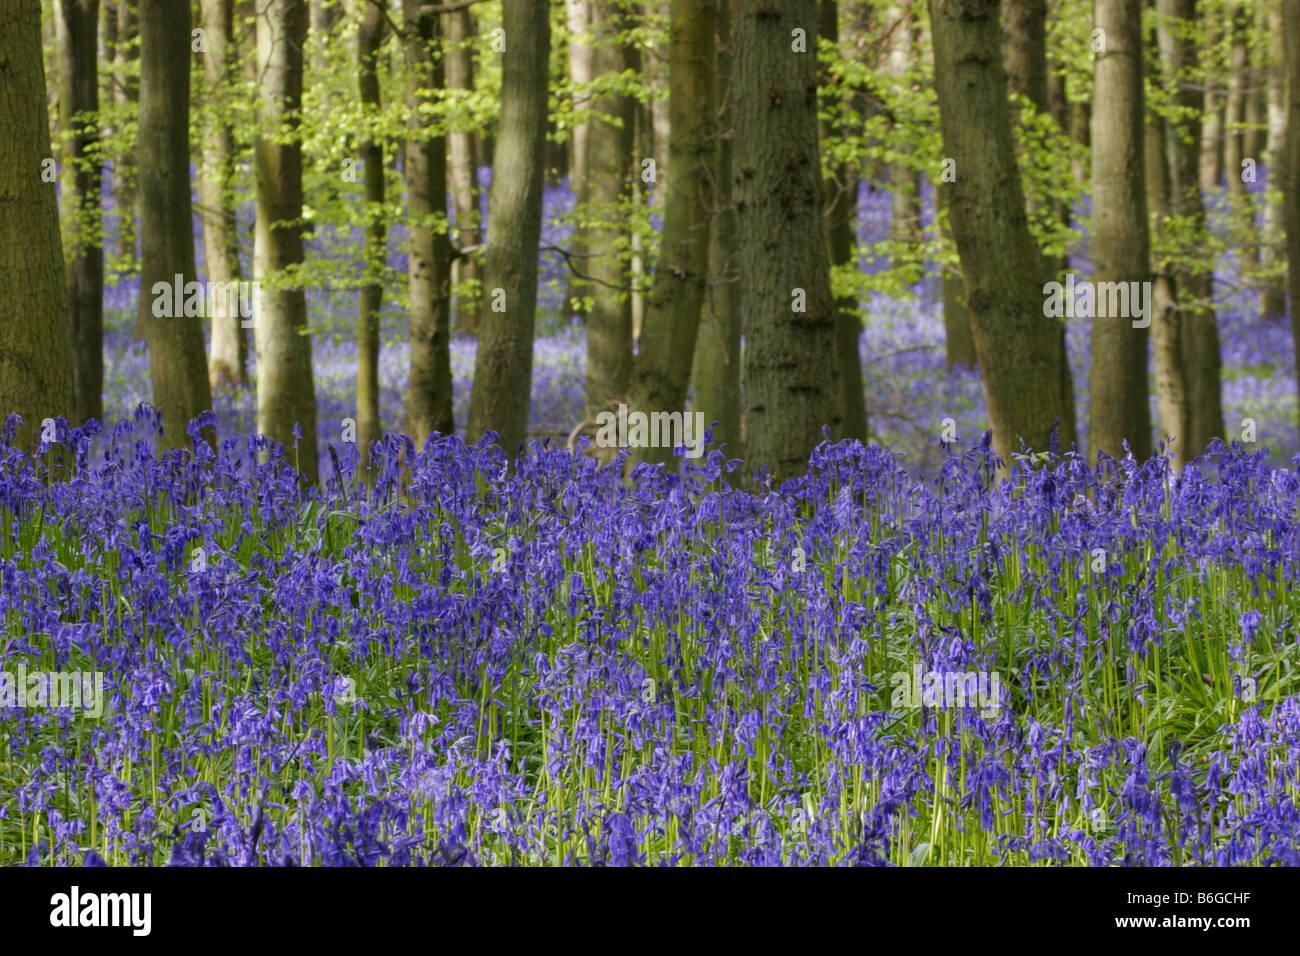 Bluebells Endymion non scripta in Beech woodland in Spring Taken May Ashridge Hertfordshire UK - Stock Image